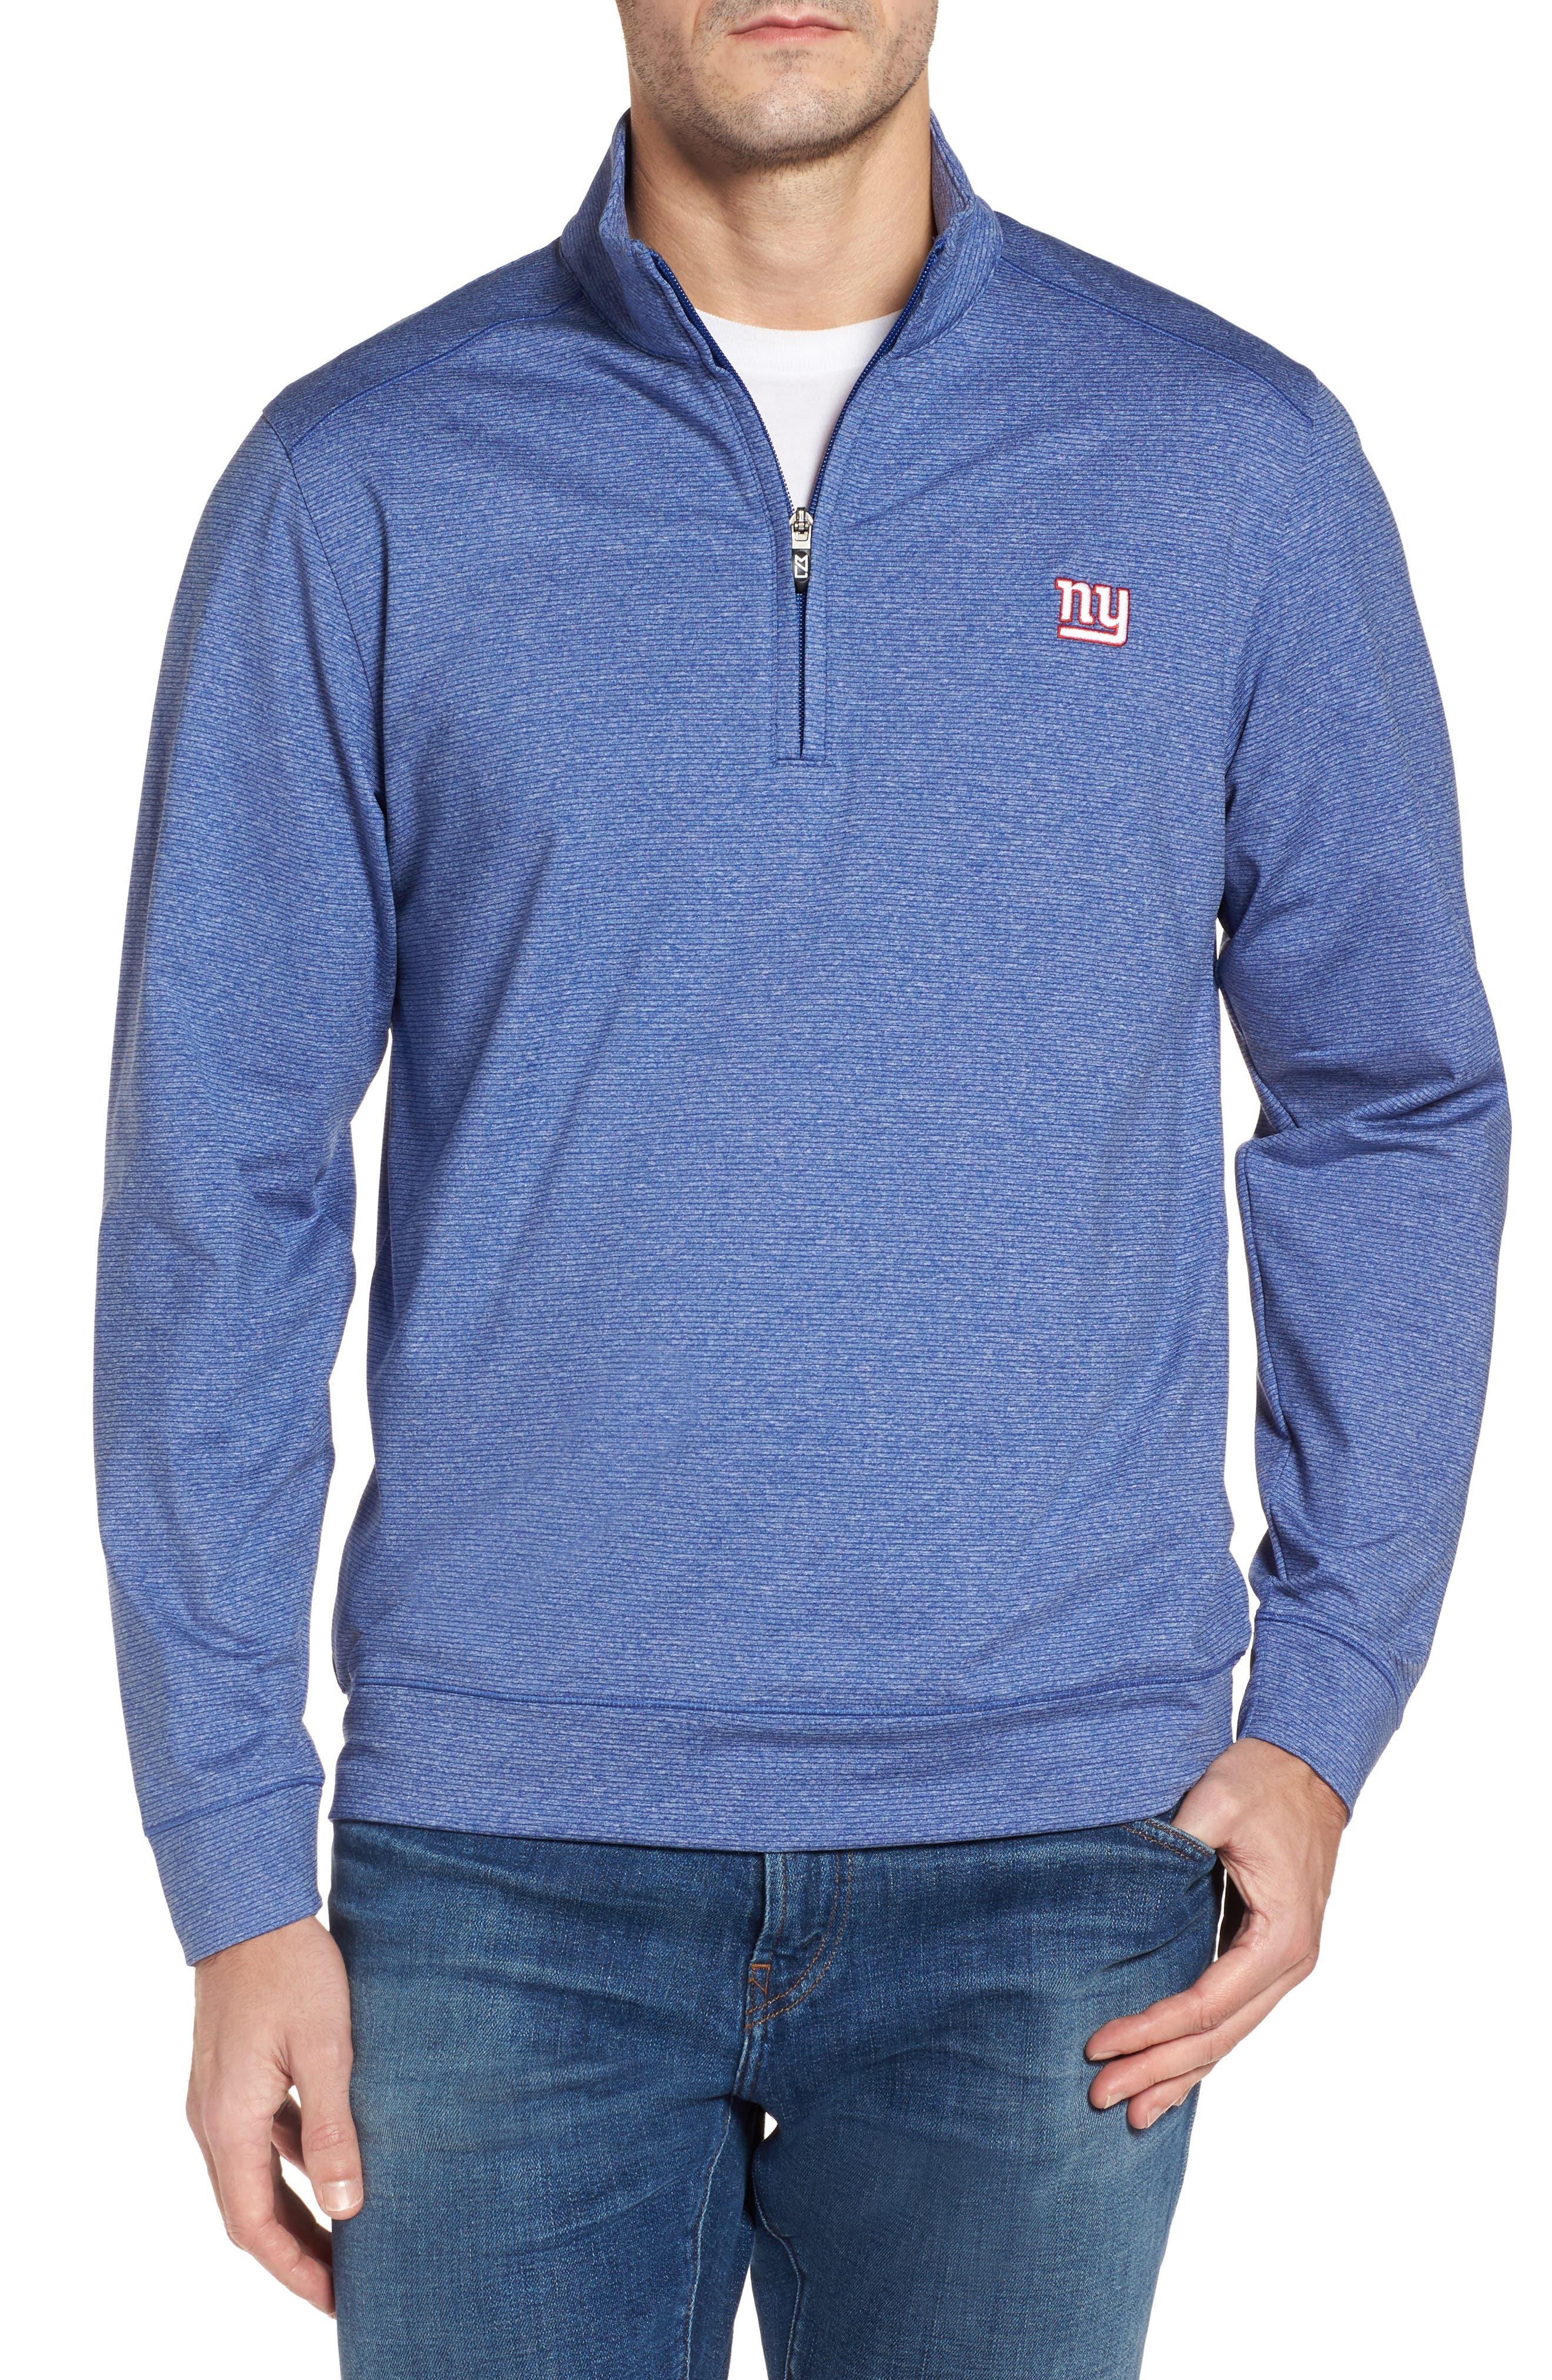 Main Image - Cutter & Buck Shoreline - New York Giants Half Zip Pullover